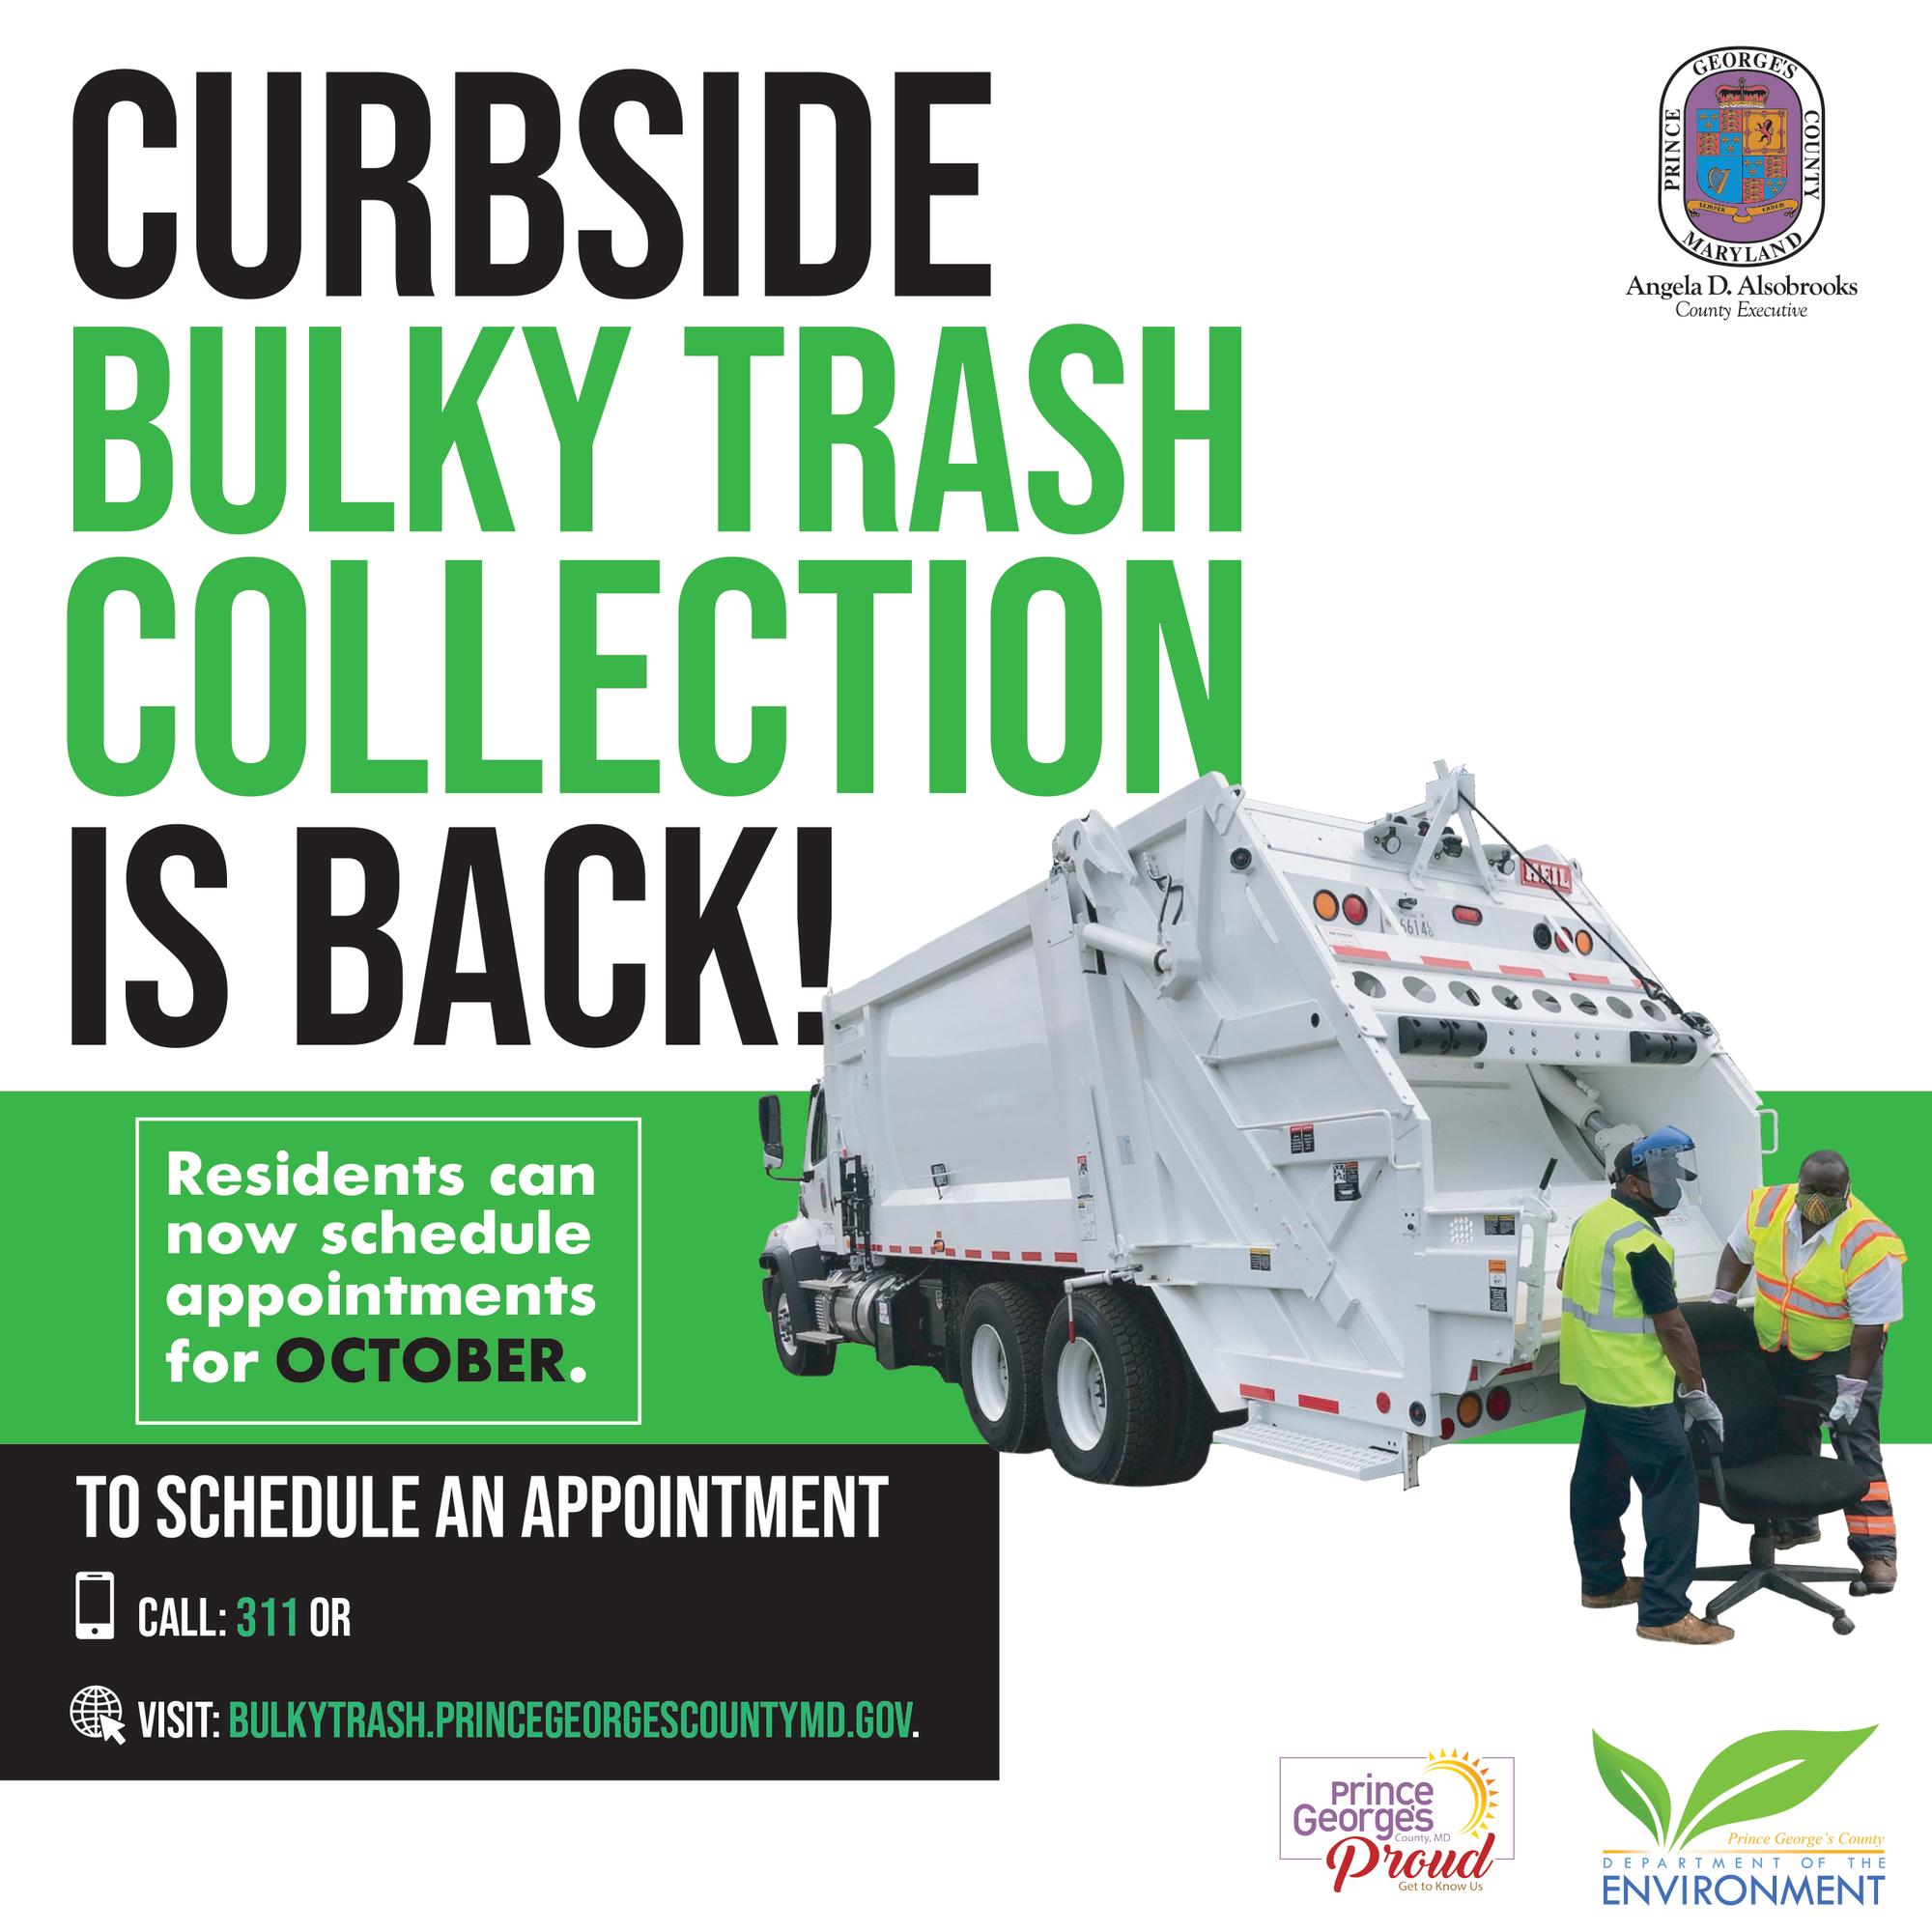 Bulky Trash Pickup